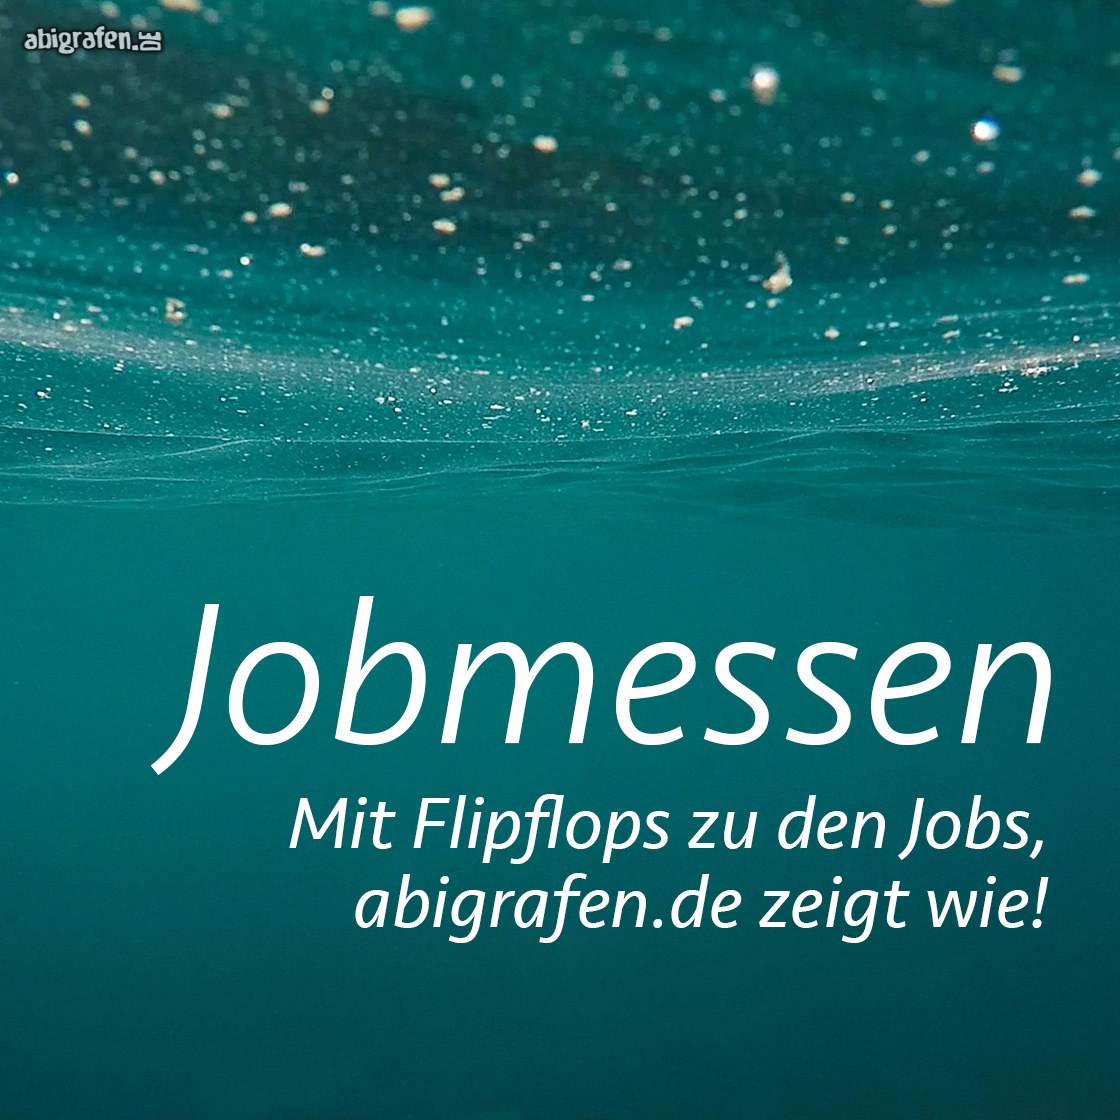 Jobmessen empfohlen von abigrafen.de